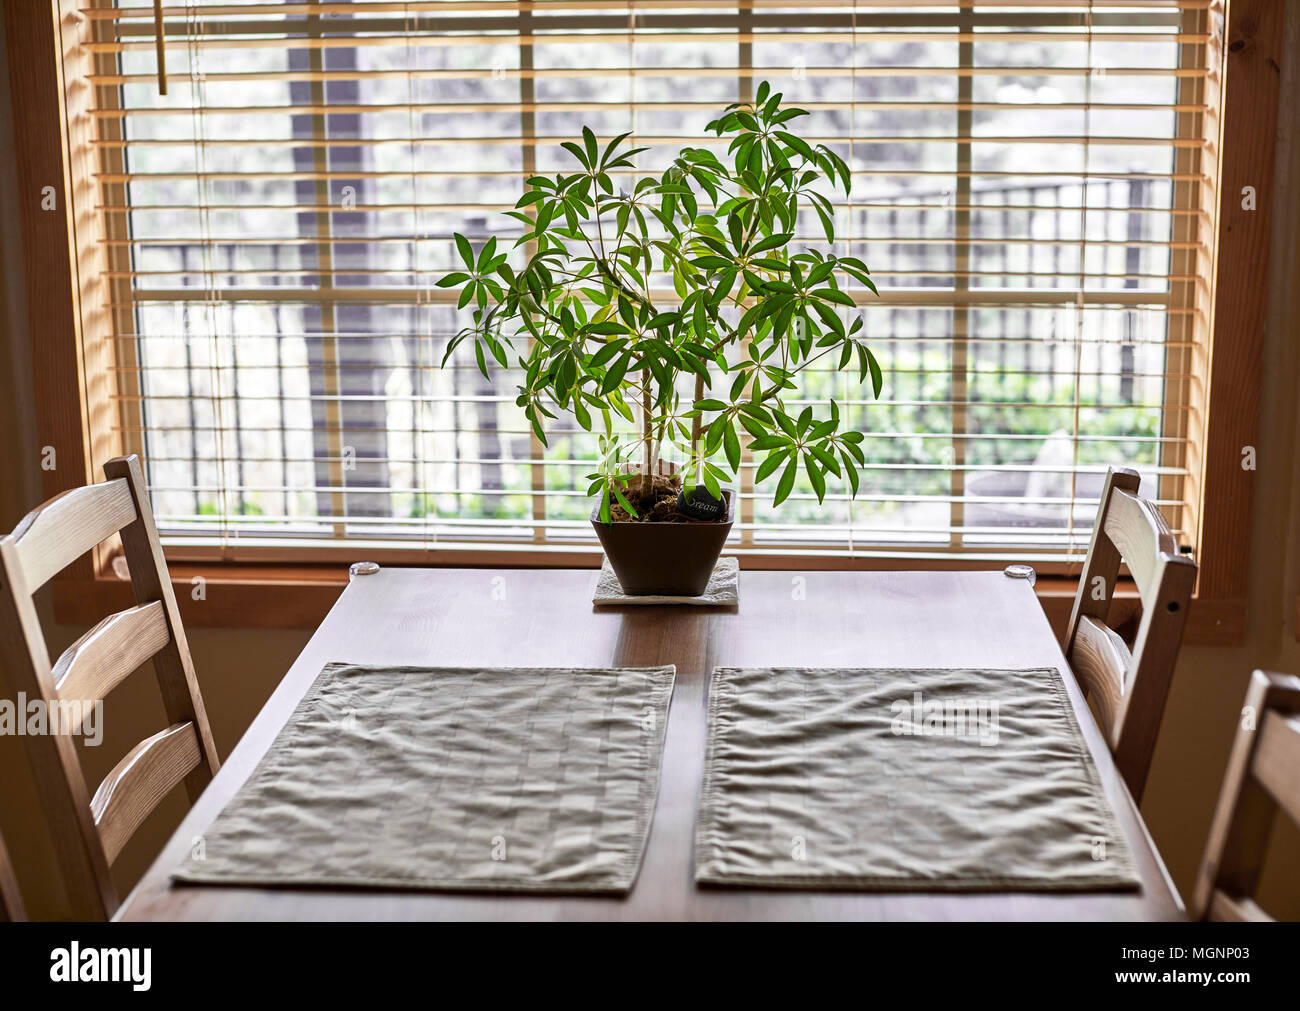 Une table et chaises de cuisine en bois près d'une fenêtre avec une plante en pot et napperons Photo Stock